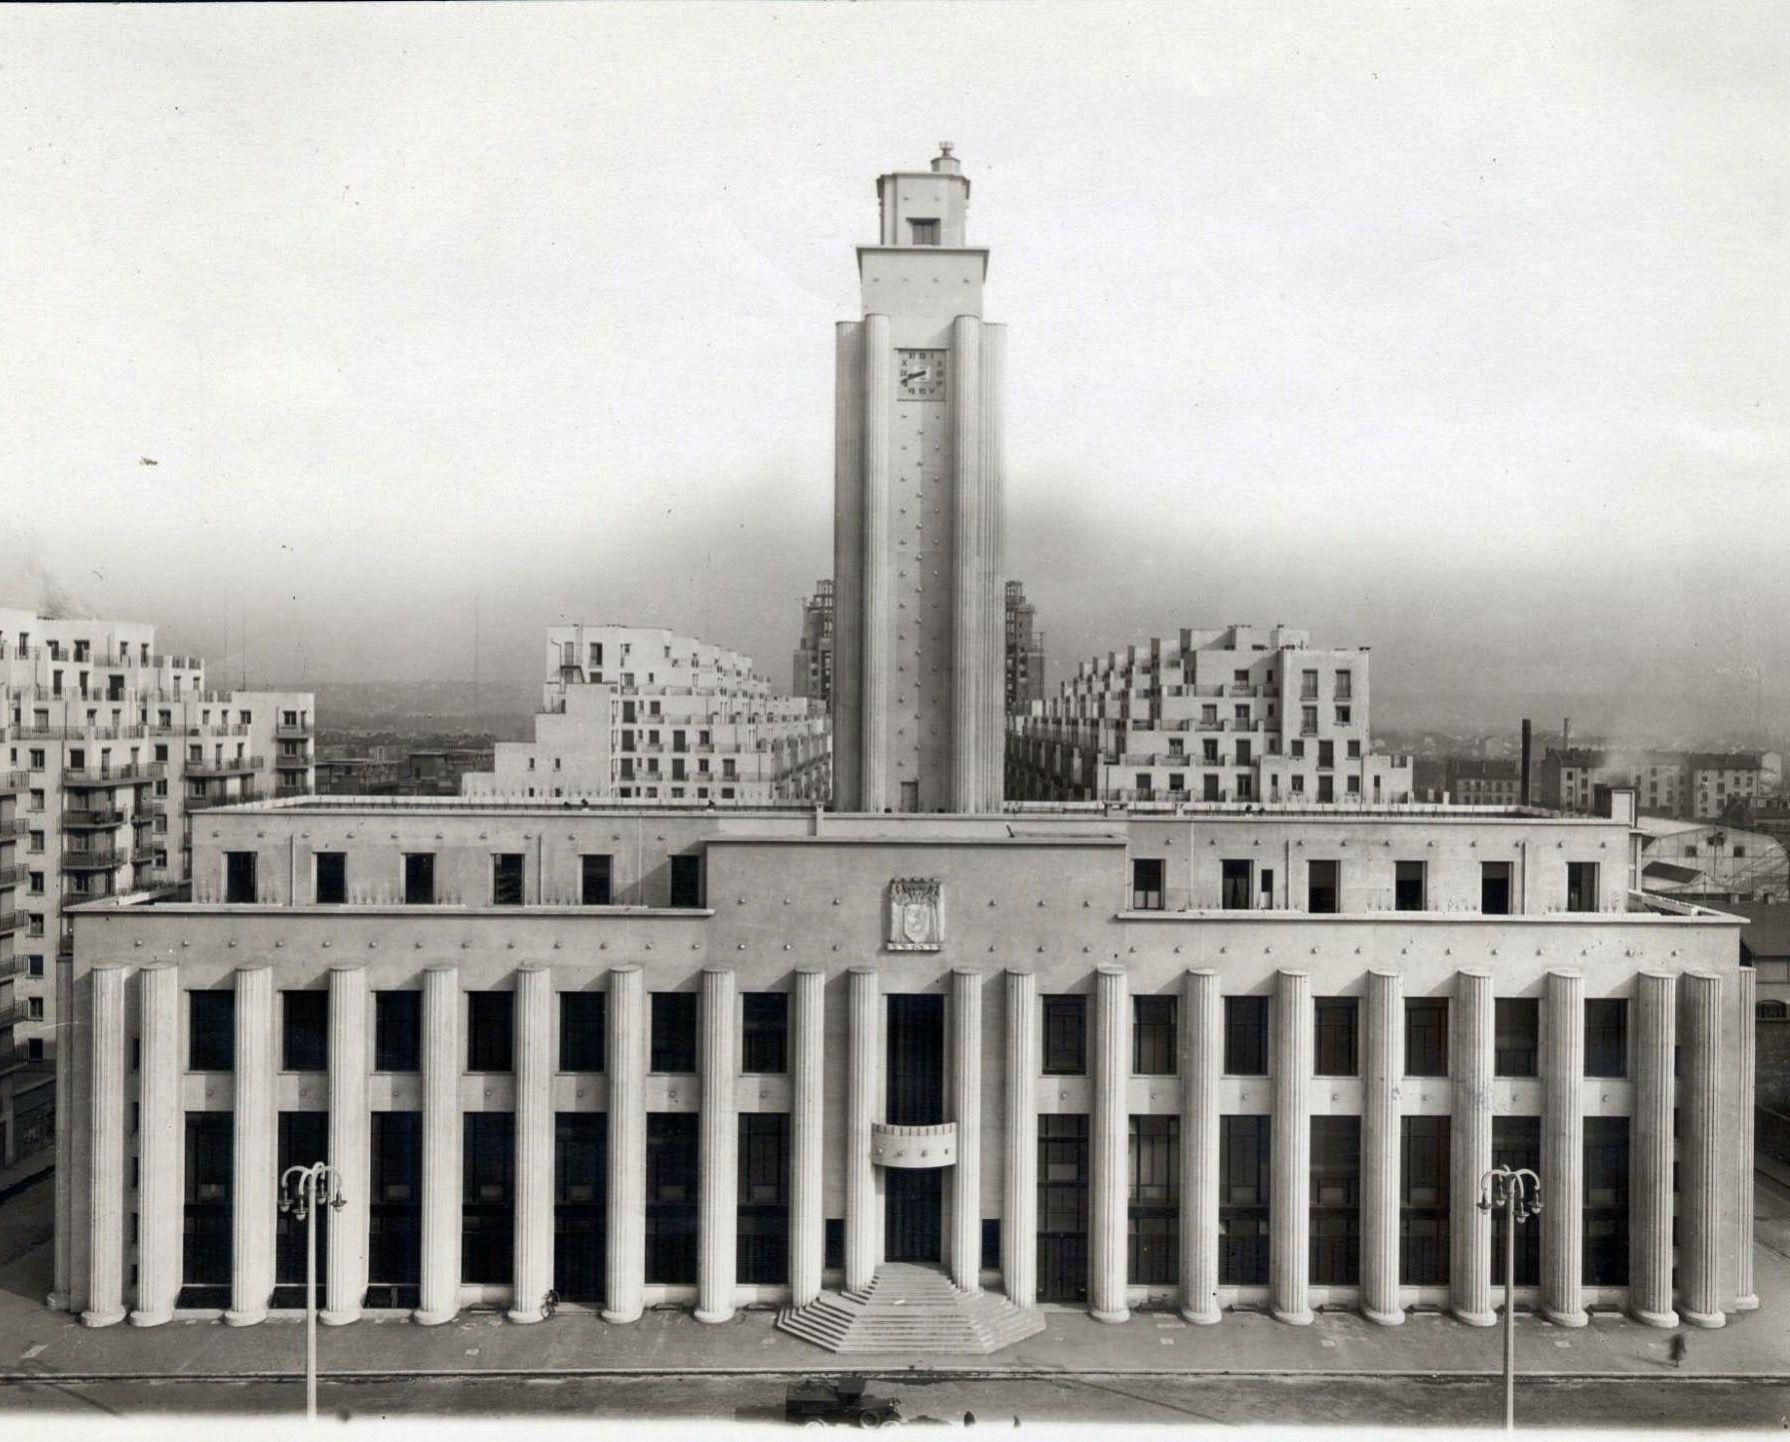 H´tel de ville Villeurbanne France Robert Giroud 1931 1934